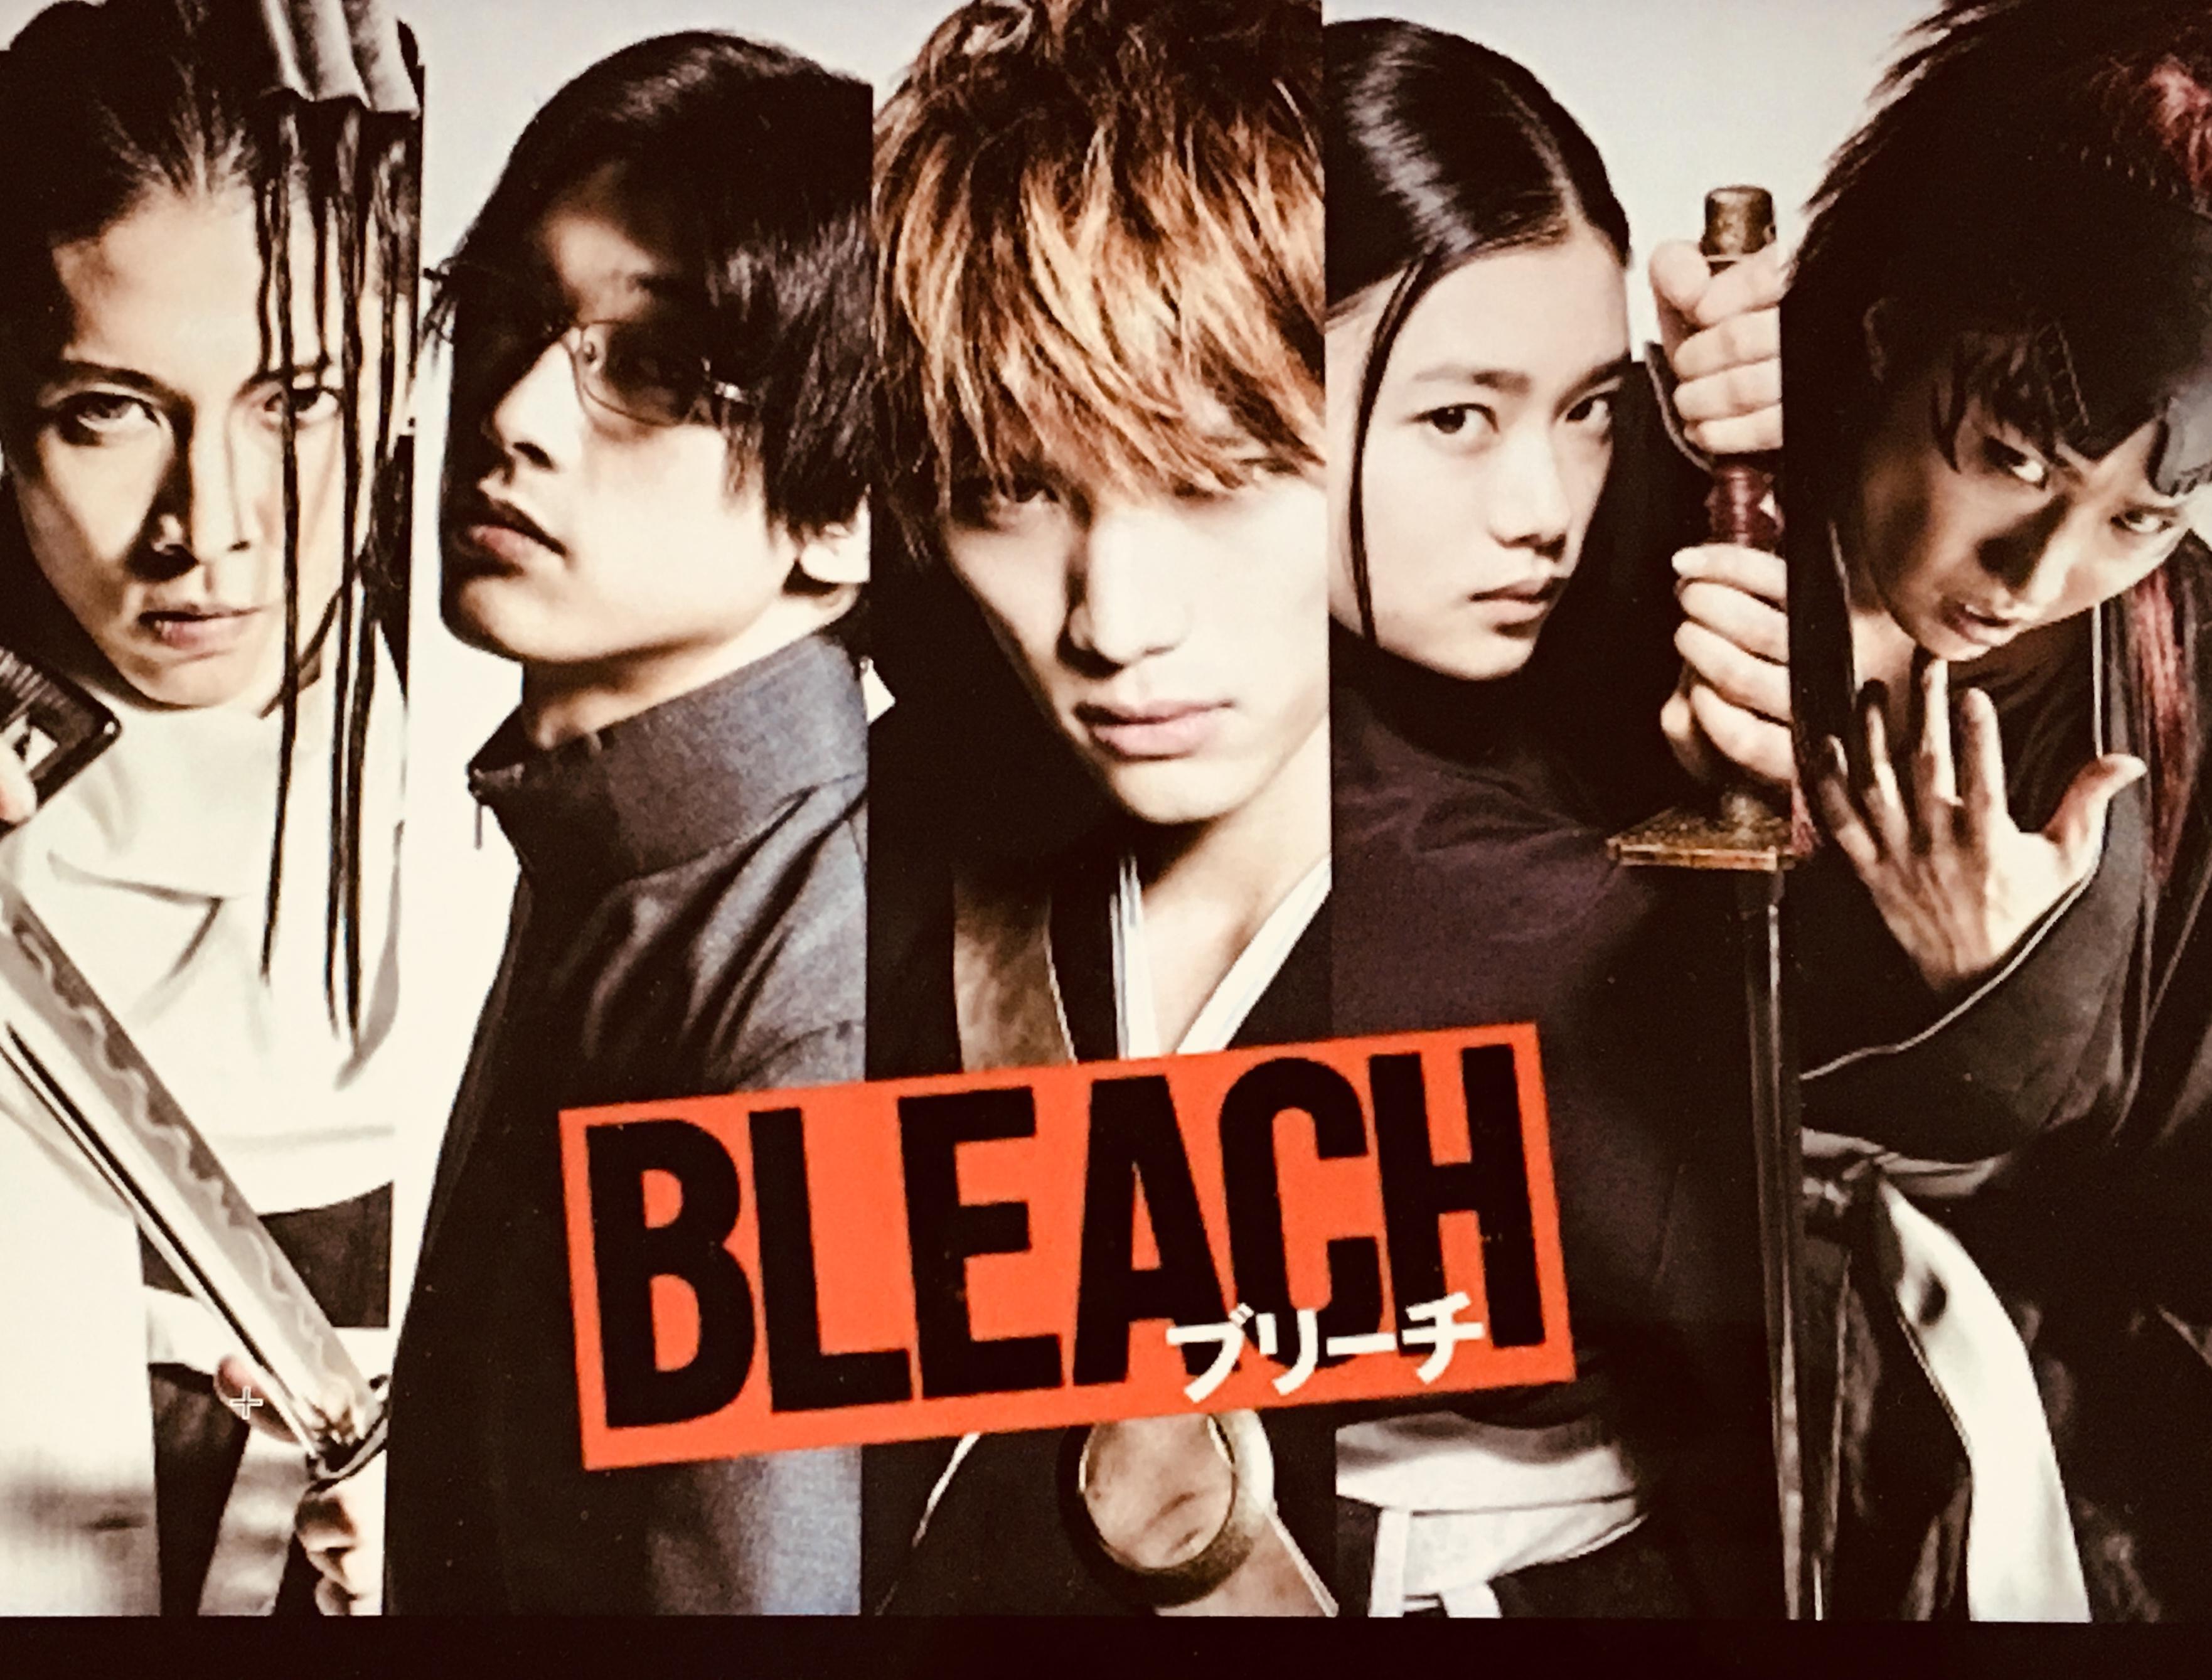 BLEACH,黒崎一護,映画,ブリーチ